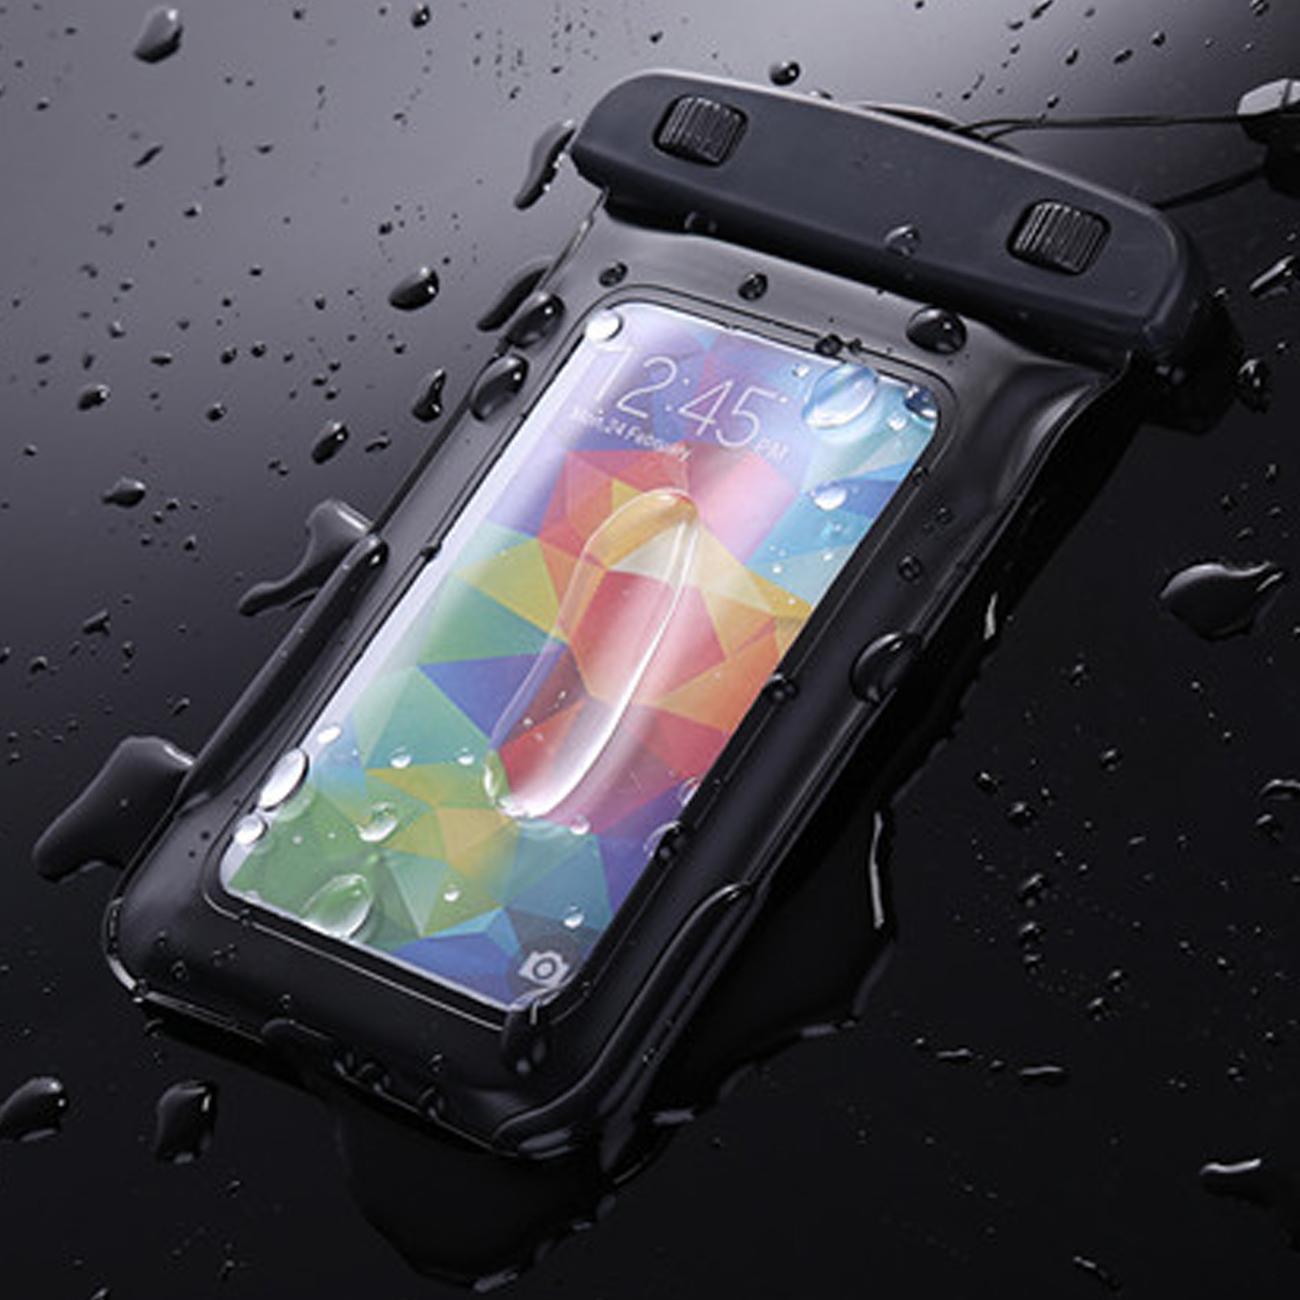 Túi đựng điện thoại chống nước có hình ảnh đẹp ( Dùng được trên mọi loại điện thoại )